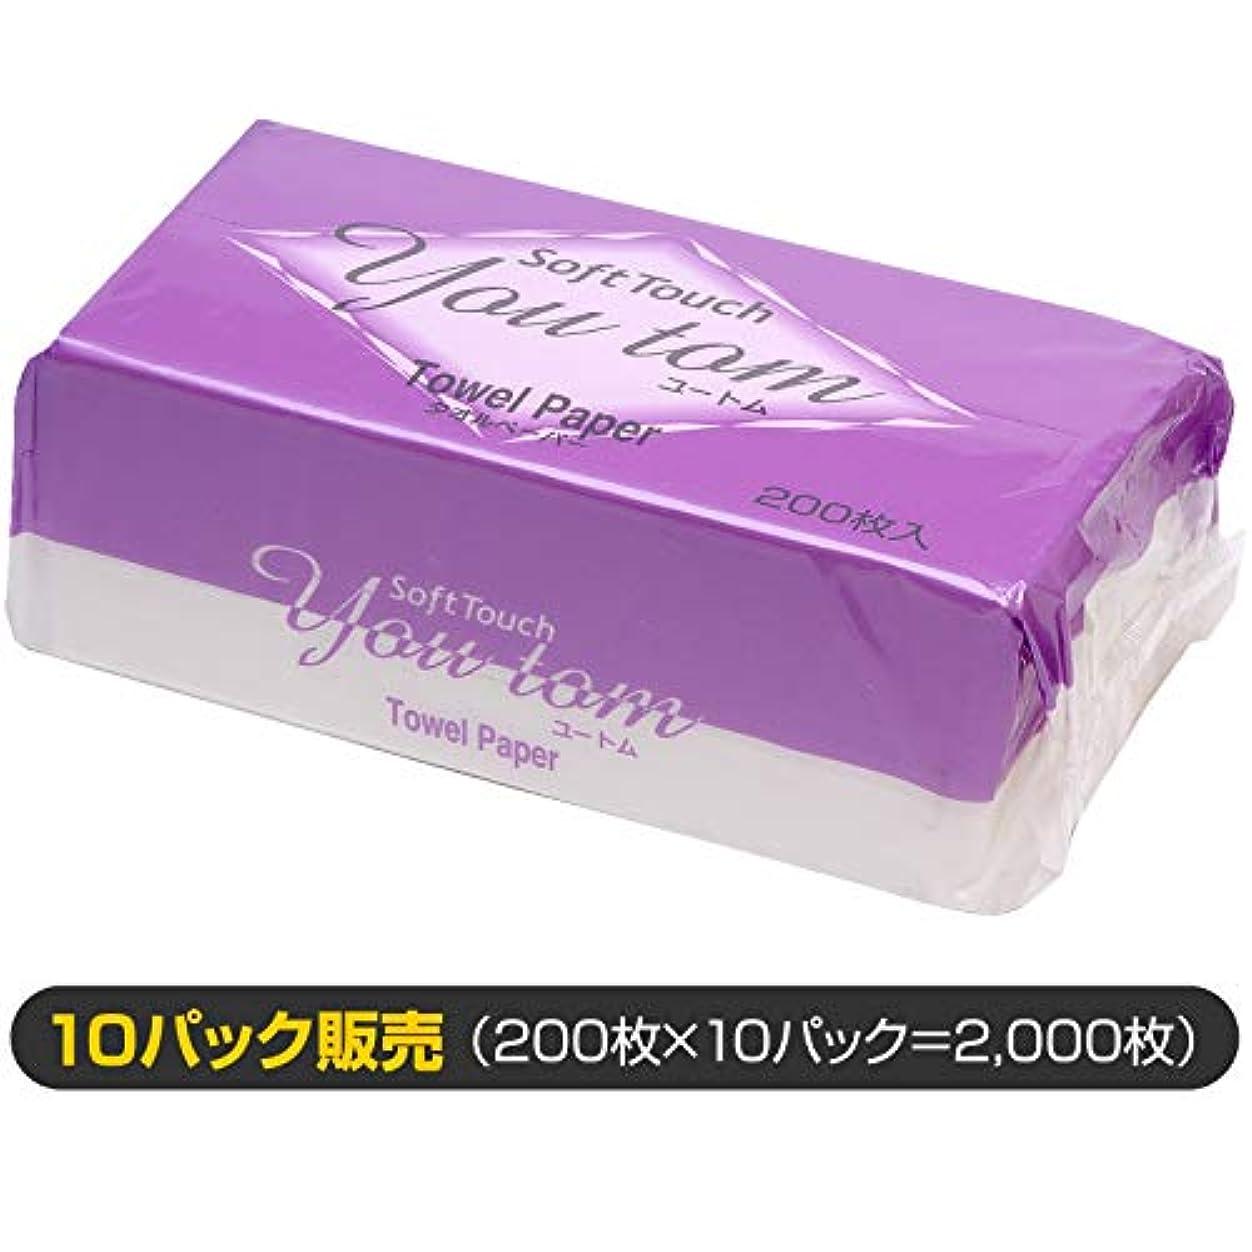 大いにめんどり公爵ペーパータオル ユートム/10パック販売(清潔キレイ館/レギュラーサイズ用)